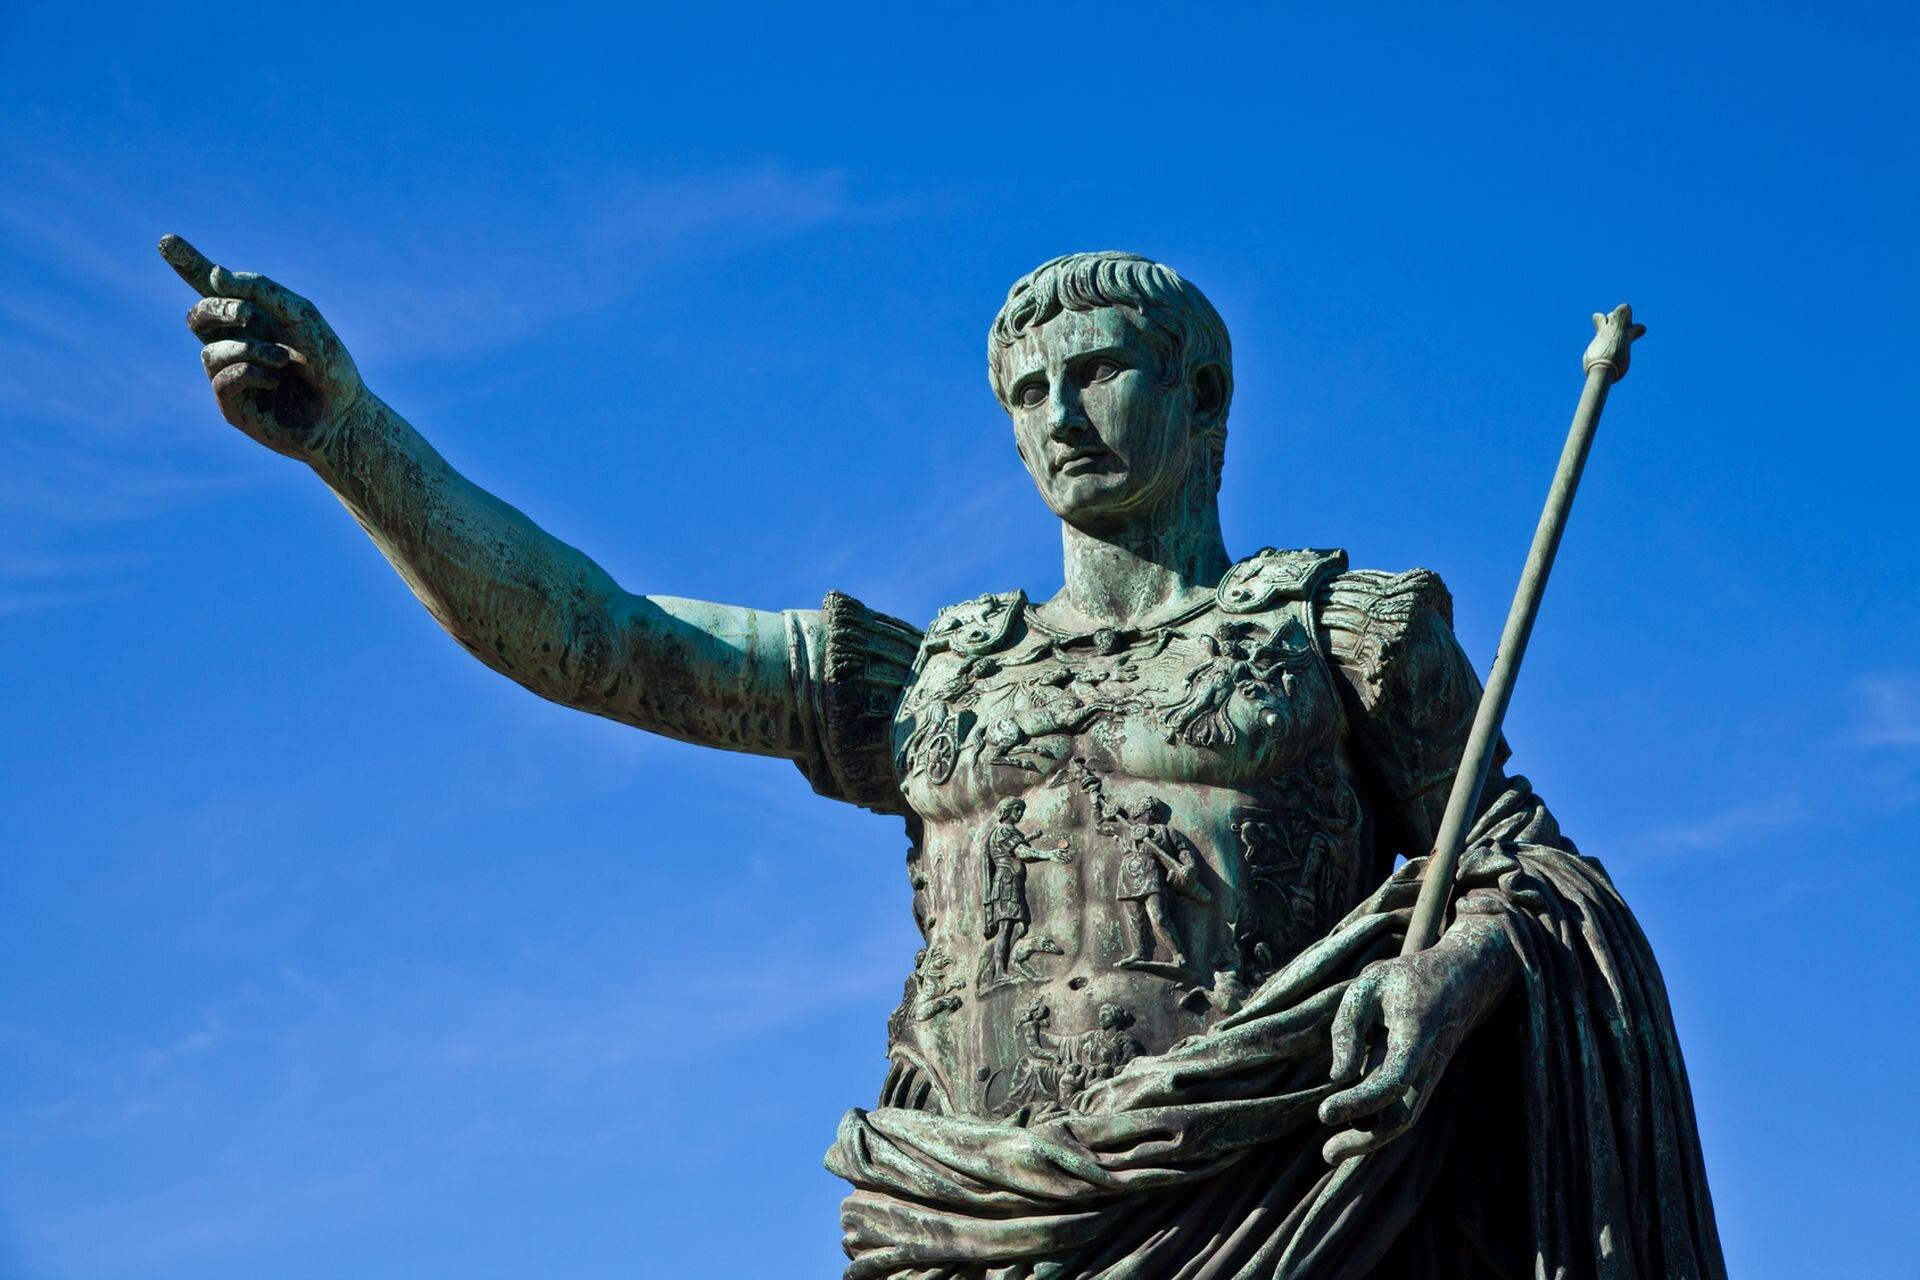 Fotografia nieznanego autora przedstawia posąg Gajusza Juliusza Cezara. Został on przedstawiony jako mężczyzna wśrednim wieku. Cezar ubrany jest wzbroję. Wjednej dłoni trzyma berło, drugą dłoń ma wyciągniętą przed siebie.